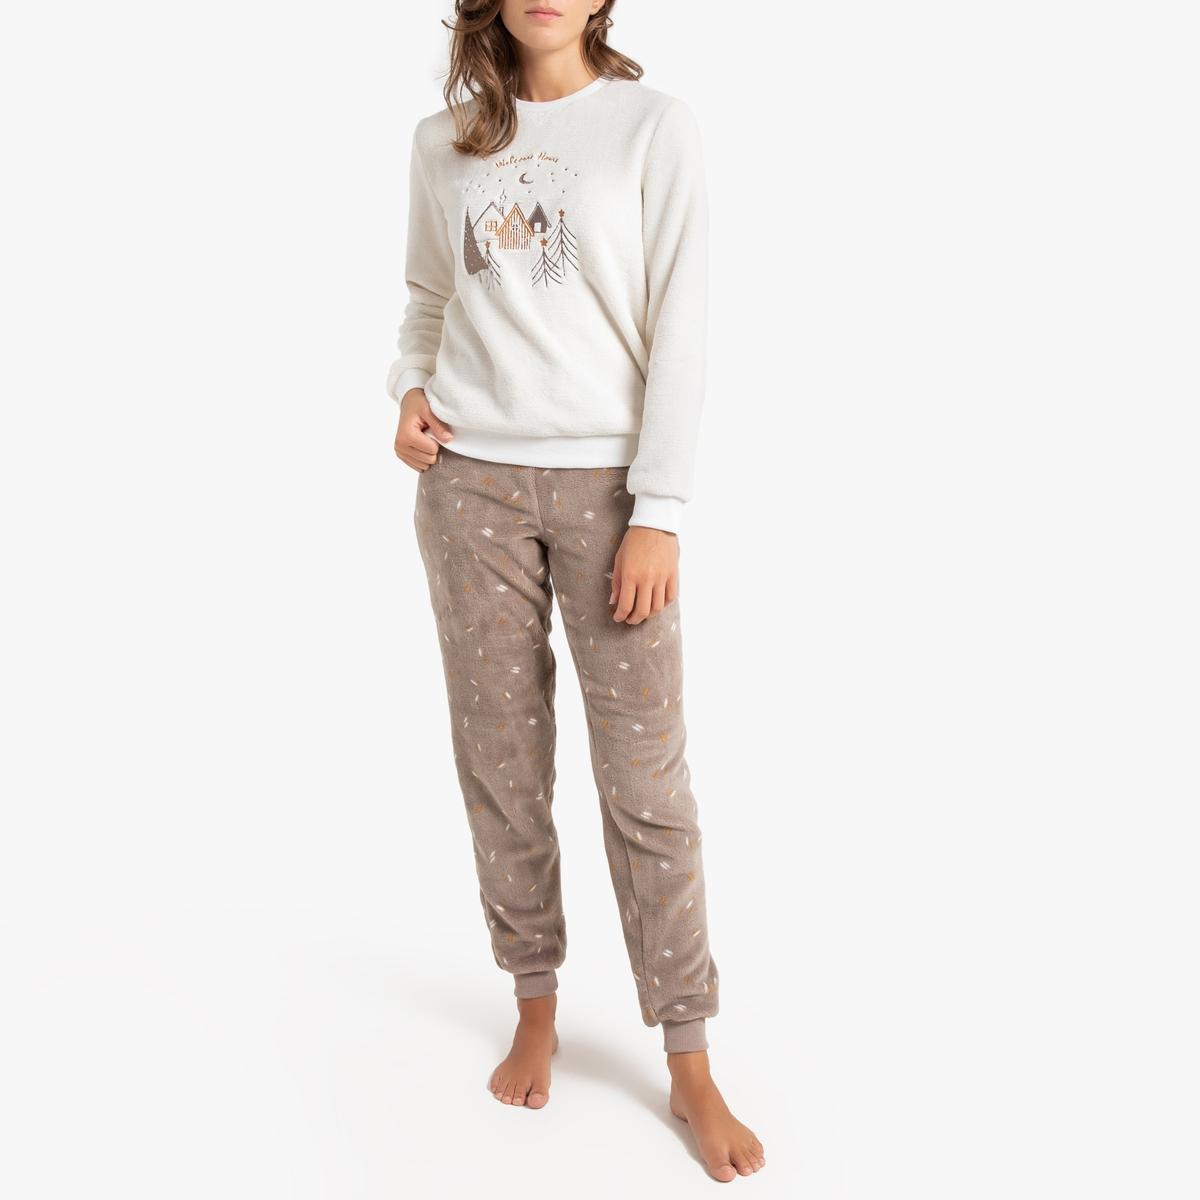 Pijama de manga larga estampado de terciopelo